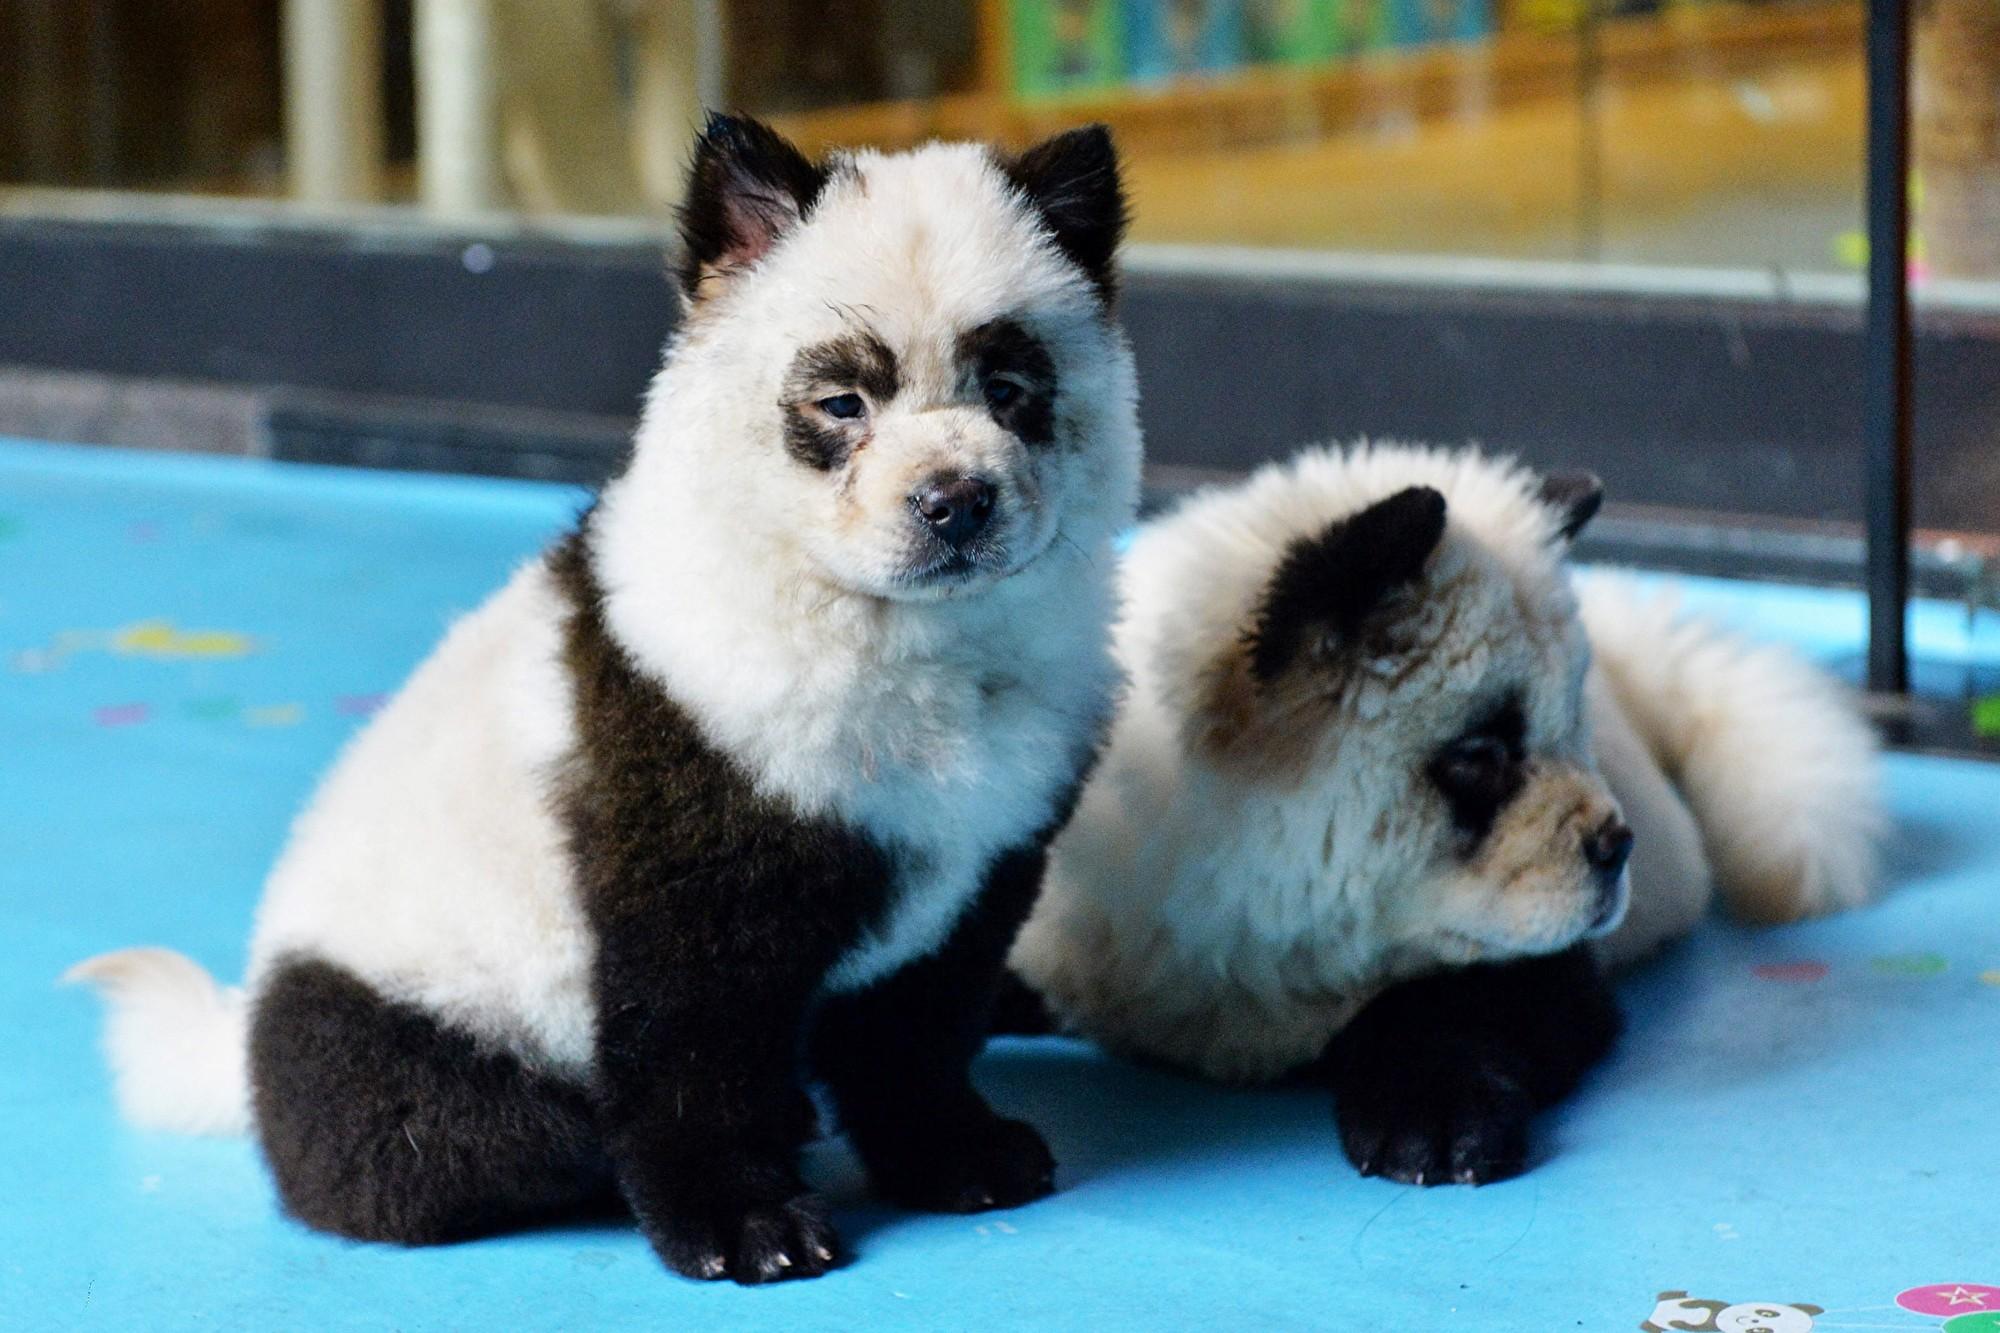 四川成都的「糖果星球」咖啡館將小狗染成熊貓。此圖攝於2019年10月23日。(STR/AFP via Getty Images)